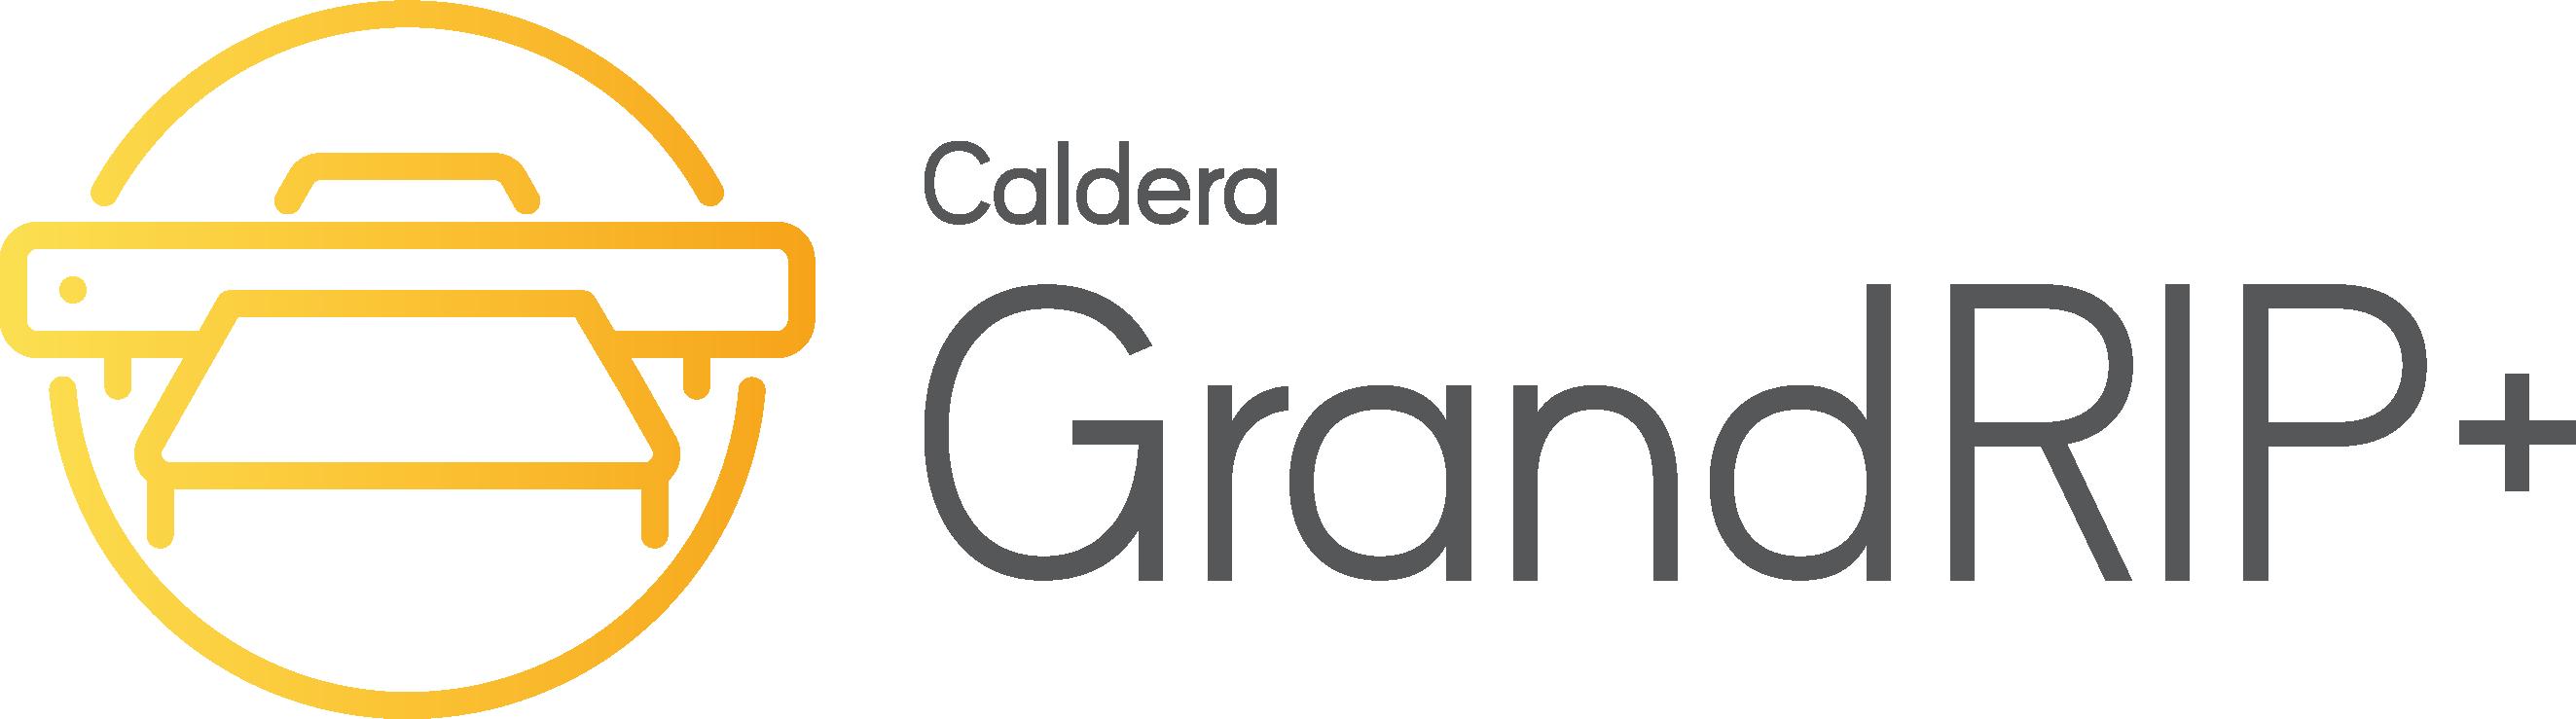 Caldera GrandRIP+ logo